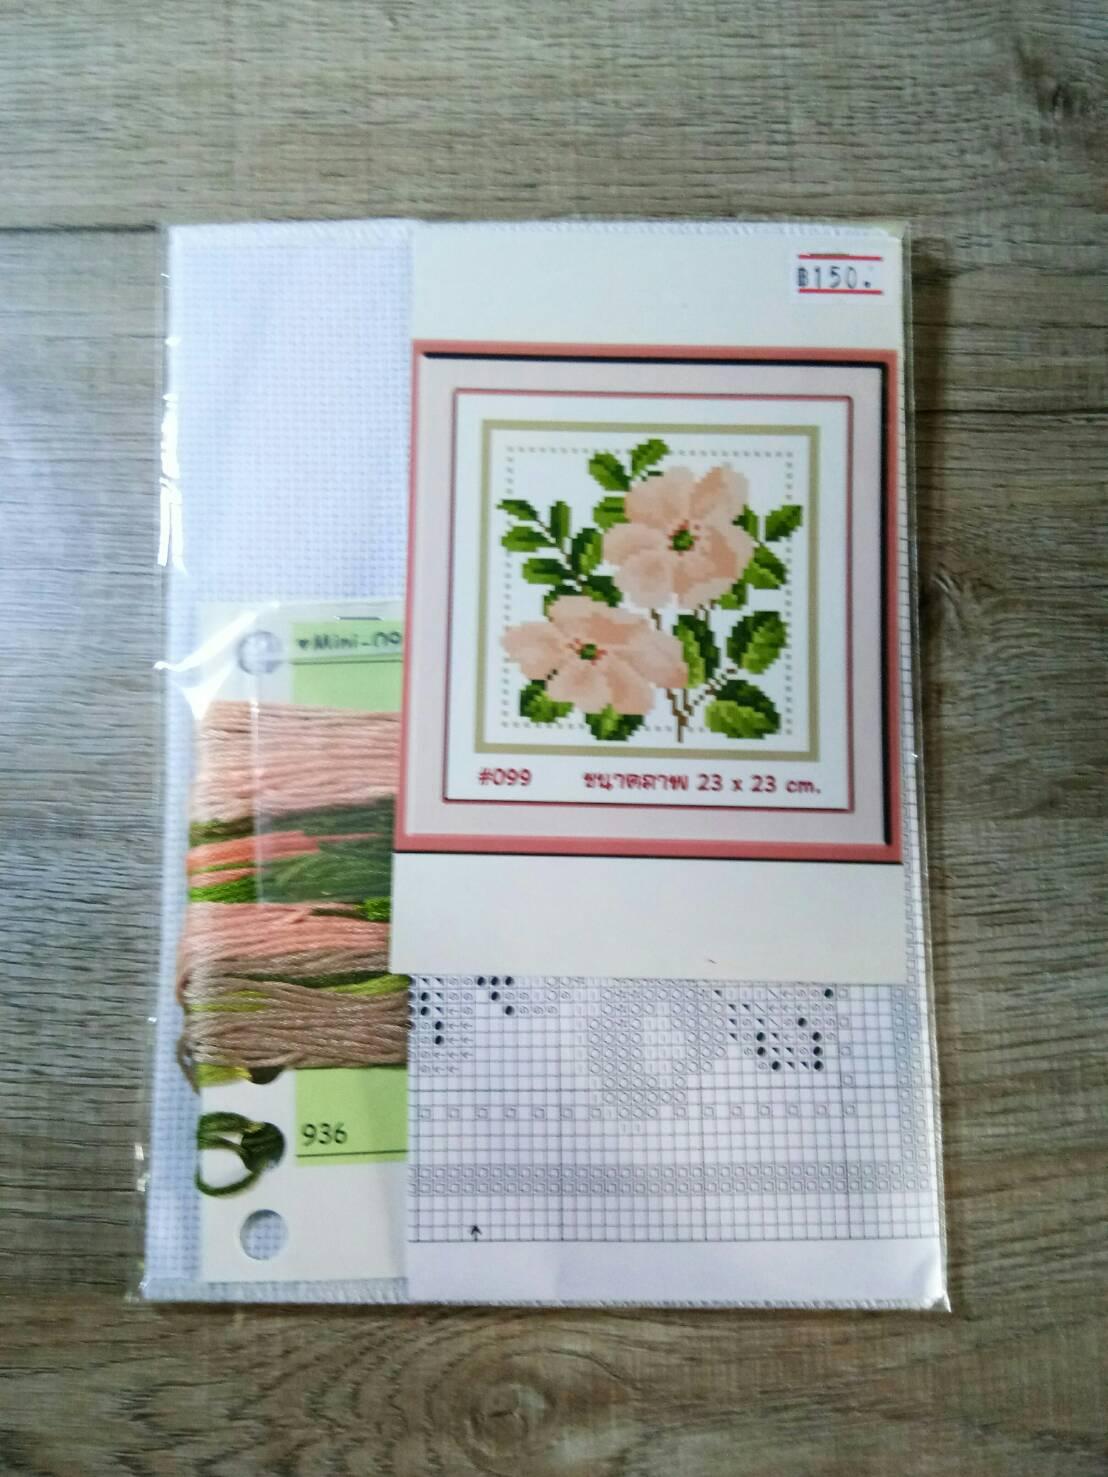 ชุดปักครอสติช ลายดอกไม้ ขนาด23*23 ซม.ผ้าครอสติช 14 CT ไม่พิมพ์ลายปัก ไหมคอตตอน สี+ผังลาย+เข็ม (ส่งฟรี)